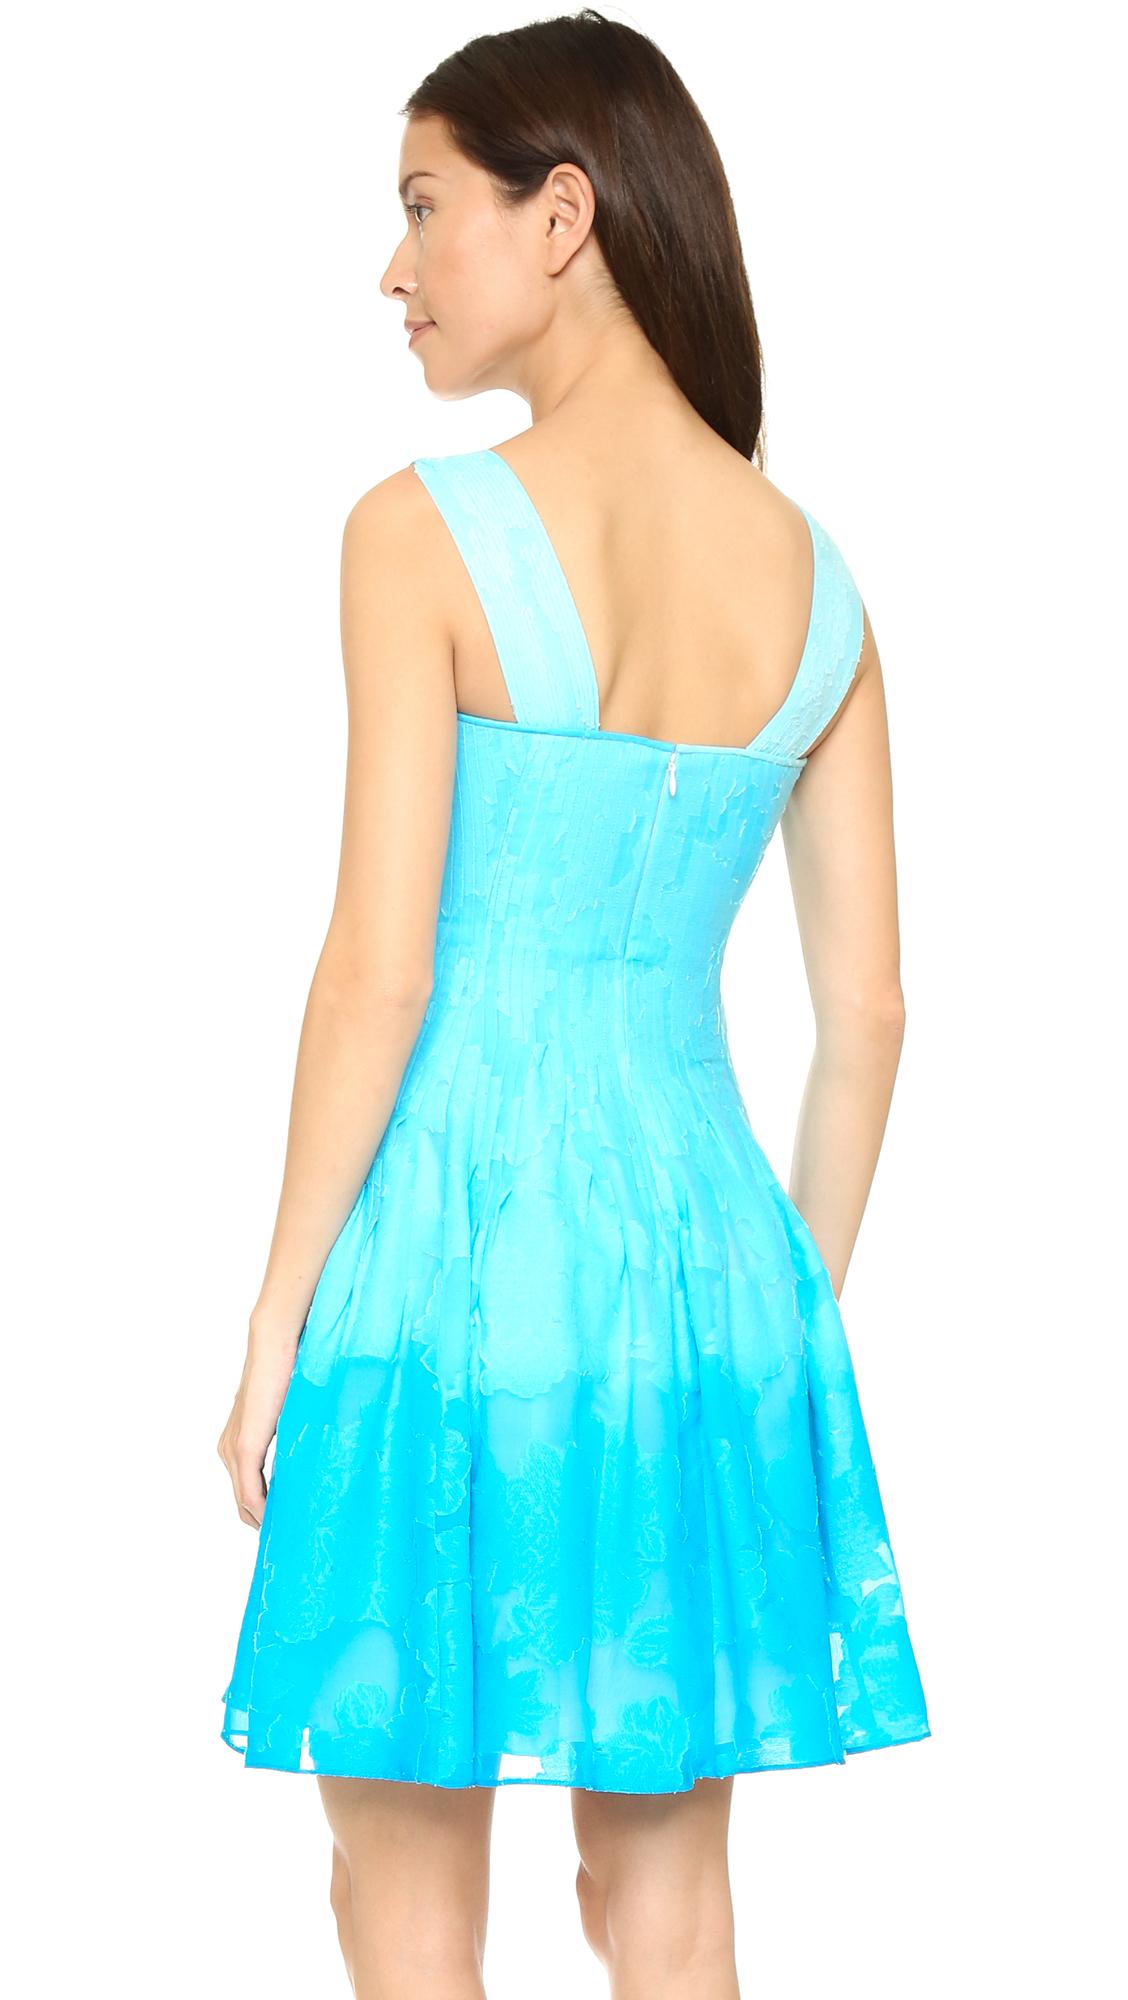 Lyst - Diane Von Furstenberg Lesly Dress - Sky Ombre in Blue